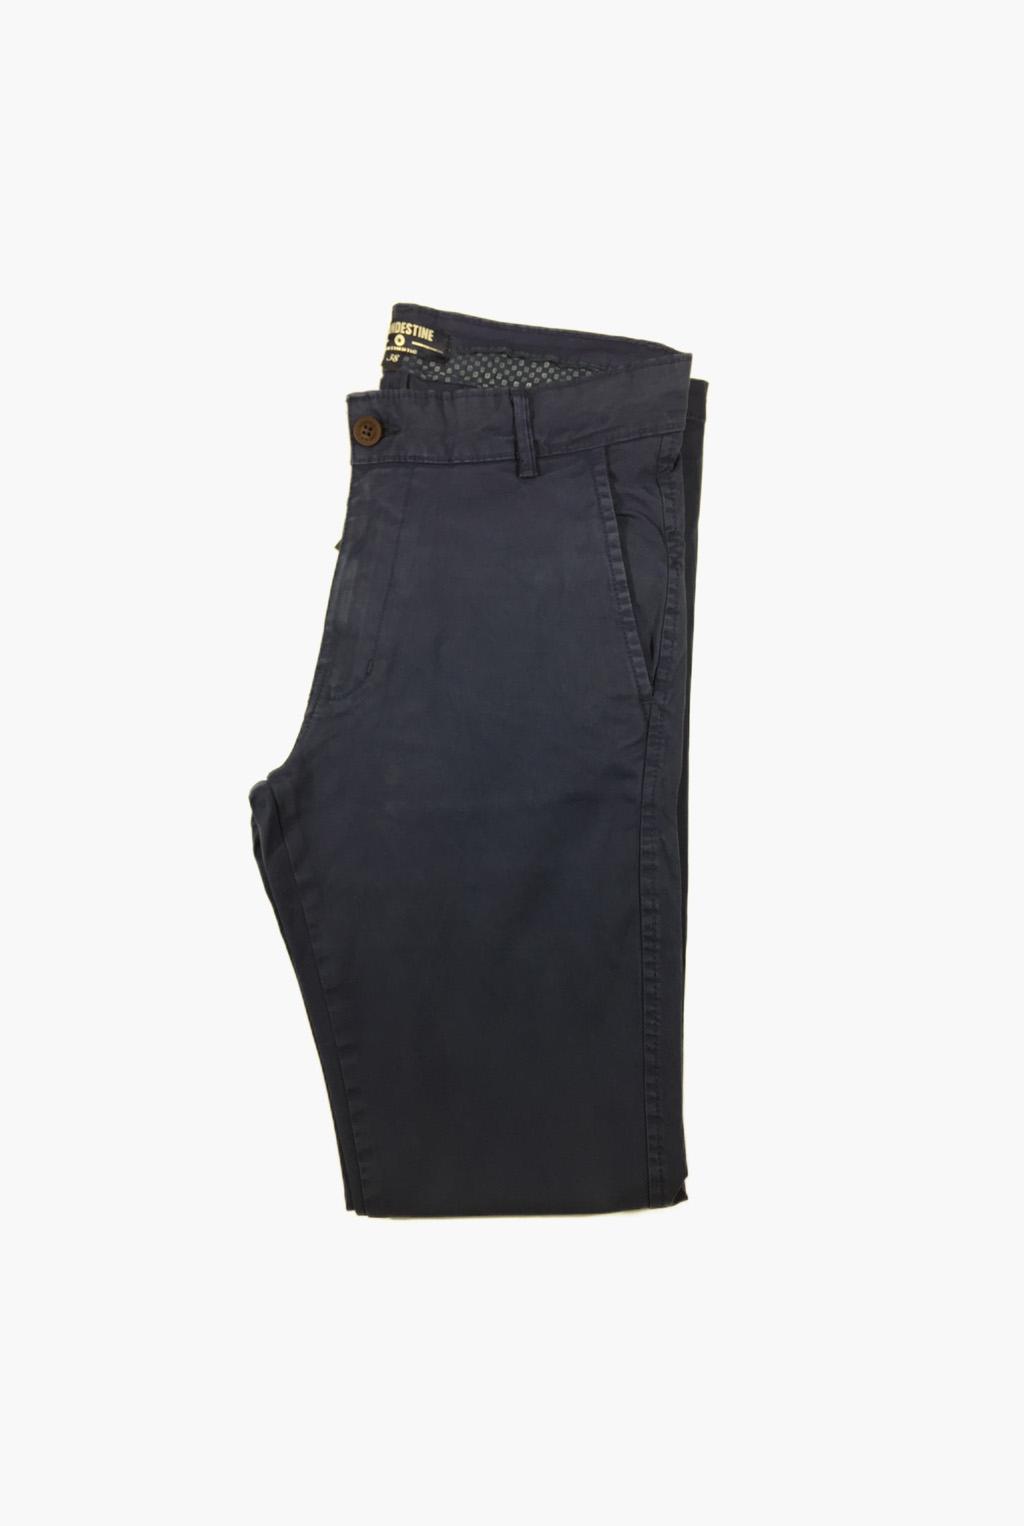 Pantalones Ptw-04